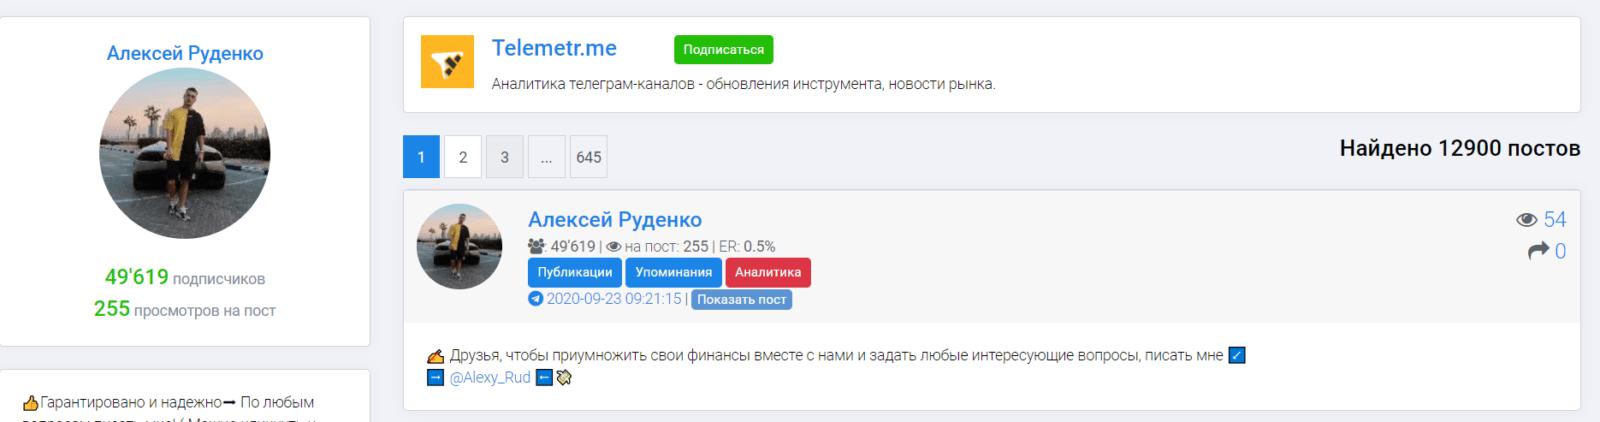 Алексей Руденко телеметр